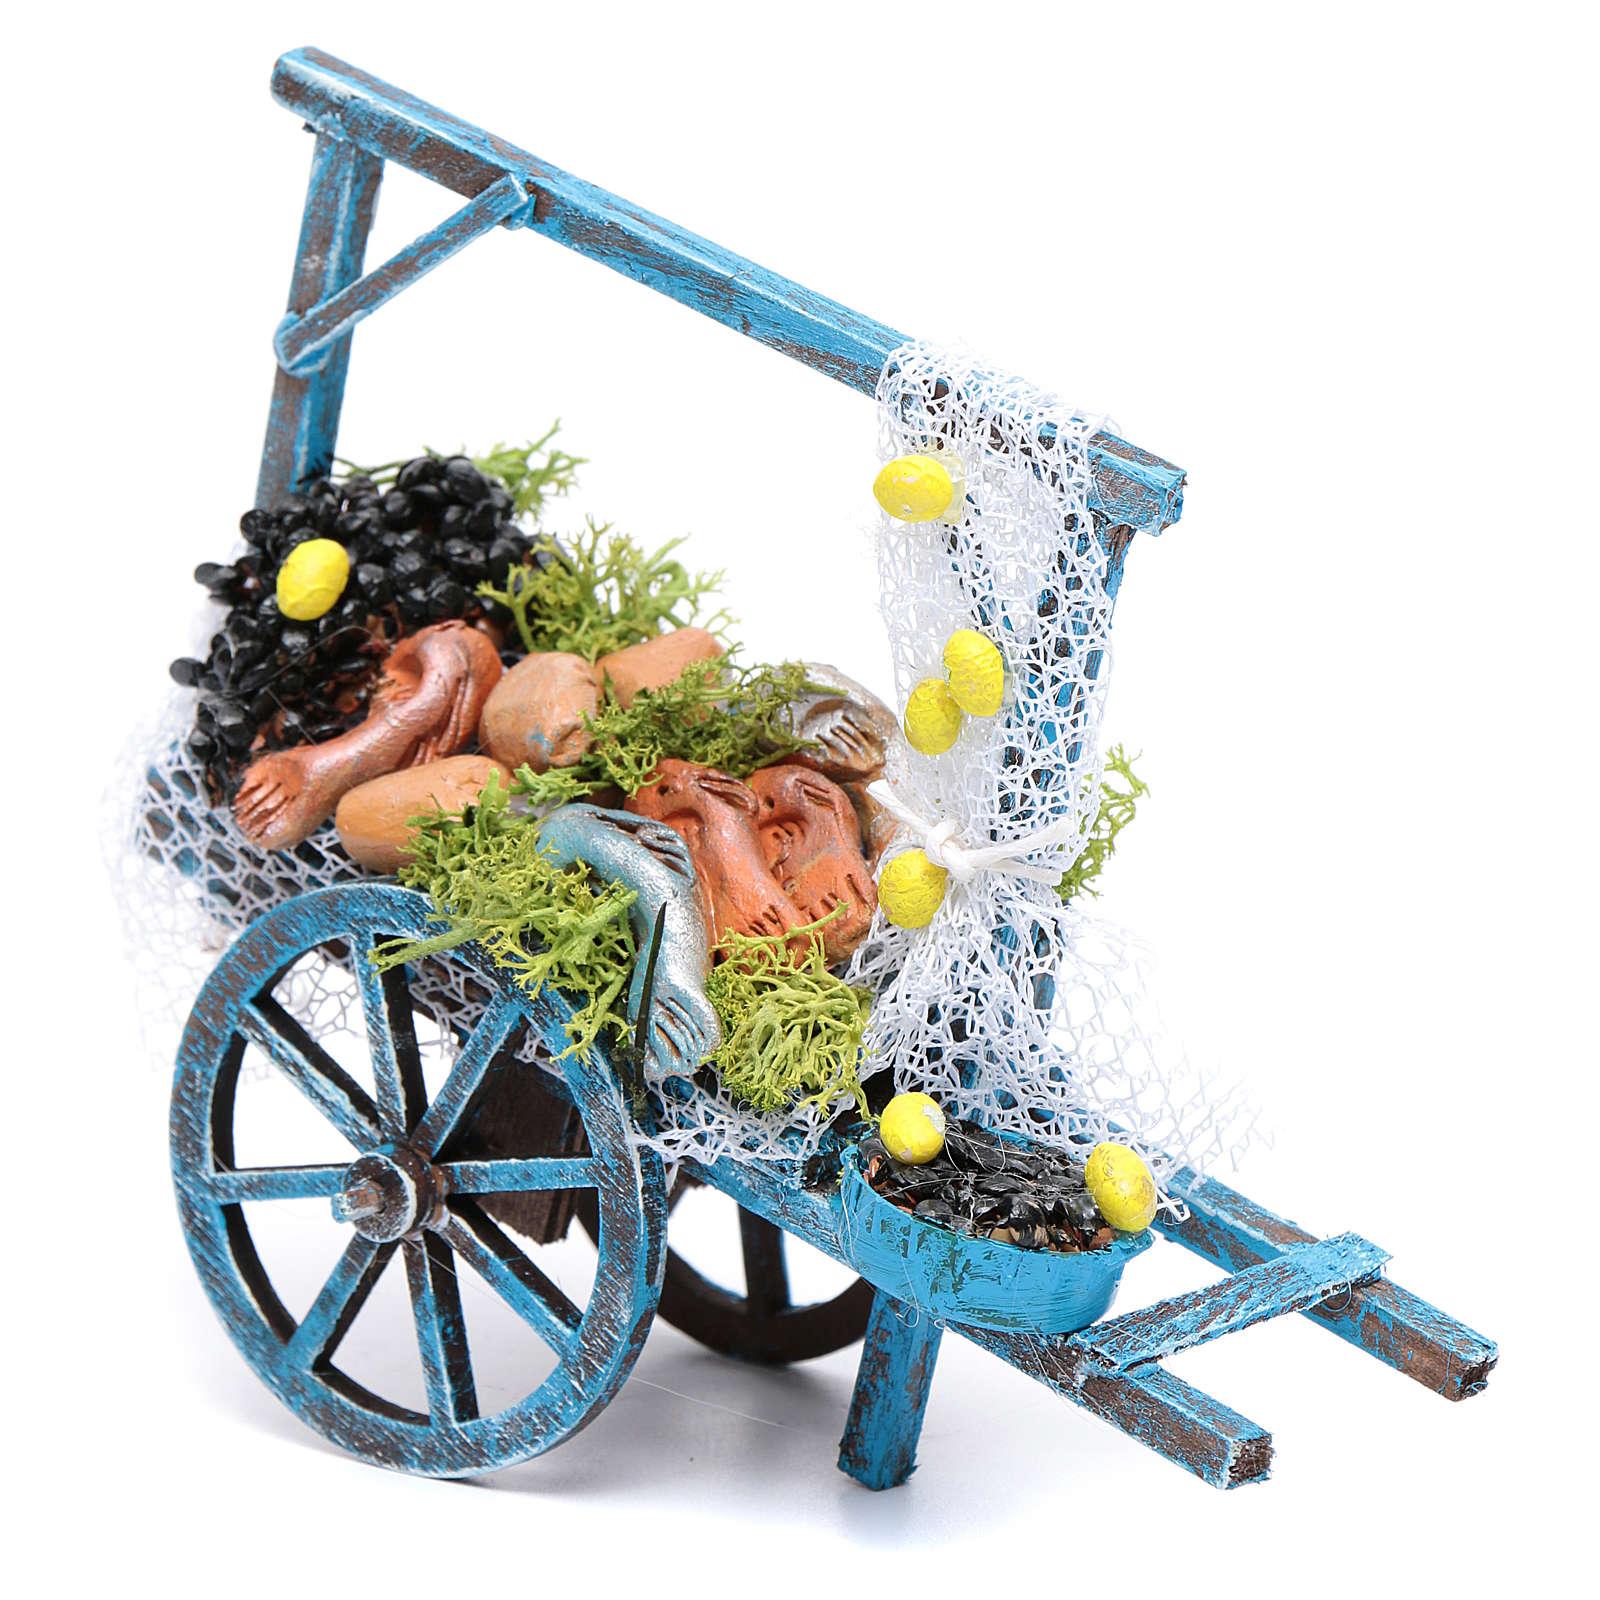 Wóz sprzedawcy ryb szopka neapolitańska 4